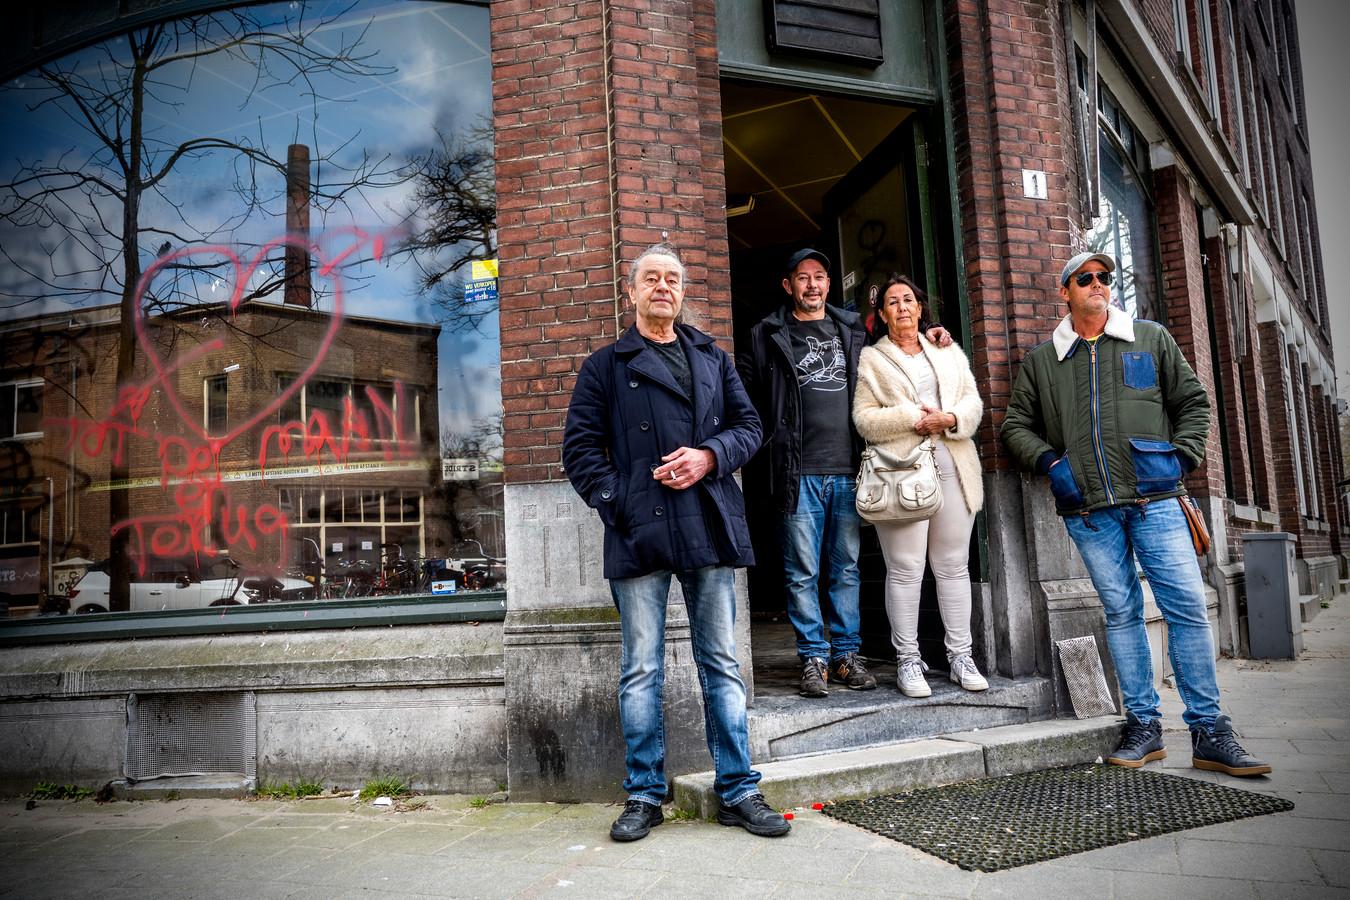 Ria Zandstra en Teun Lansen, samen met hun zoons Armando en Sander (met zonnebril).